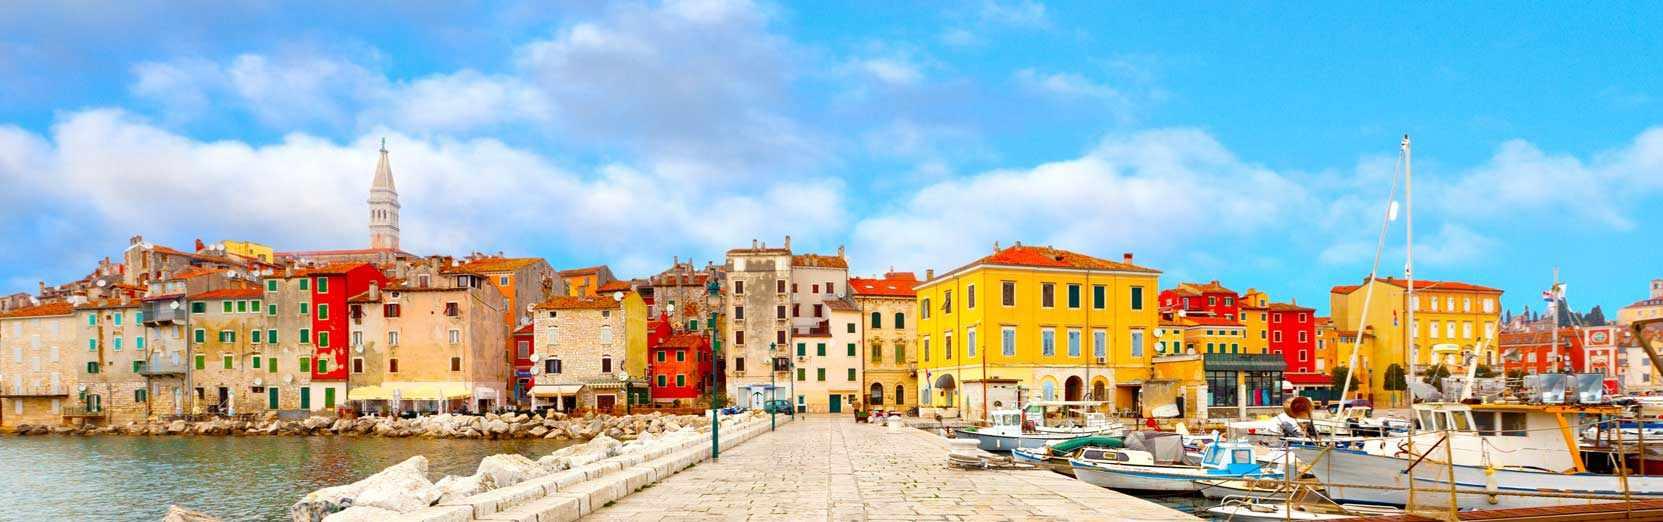 Auto mieten in Dubrovnik